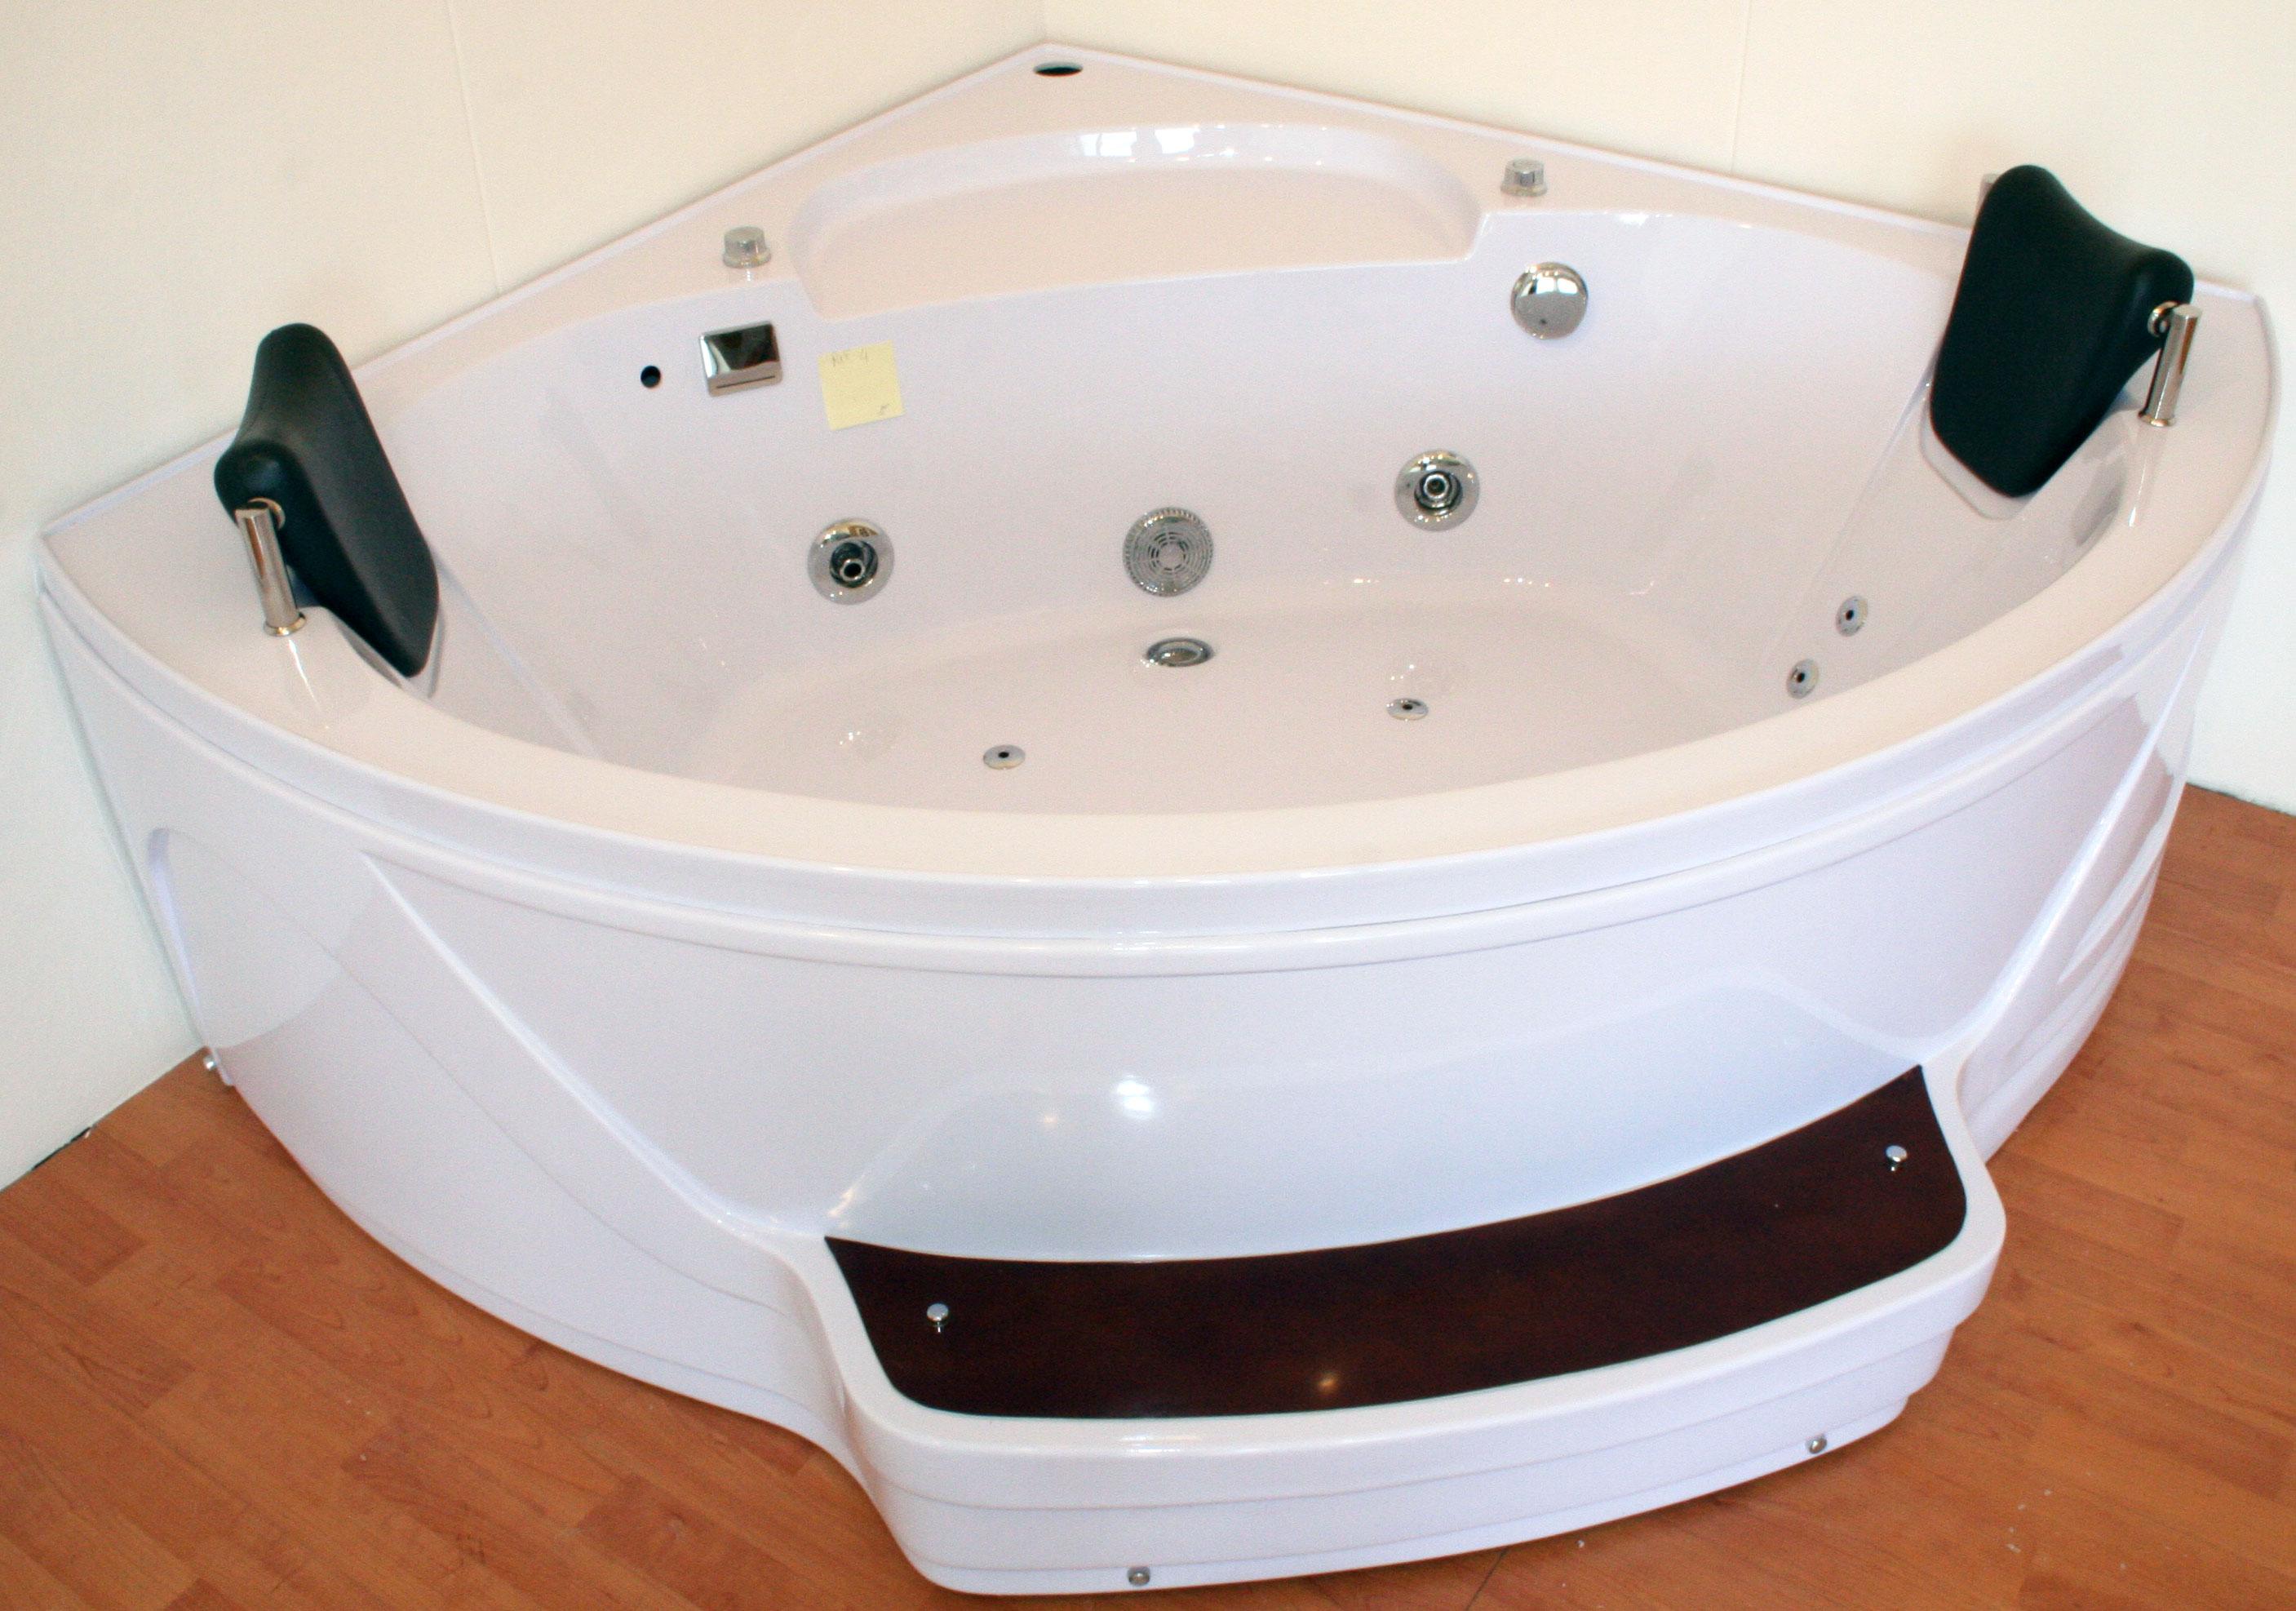 Vasca da bagno 90 90 termosifoni in ghisa scheda tecnica - Vasca da bagno angolare prezzi ...